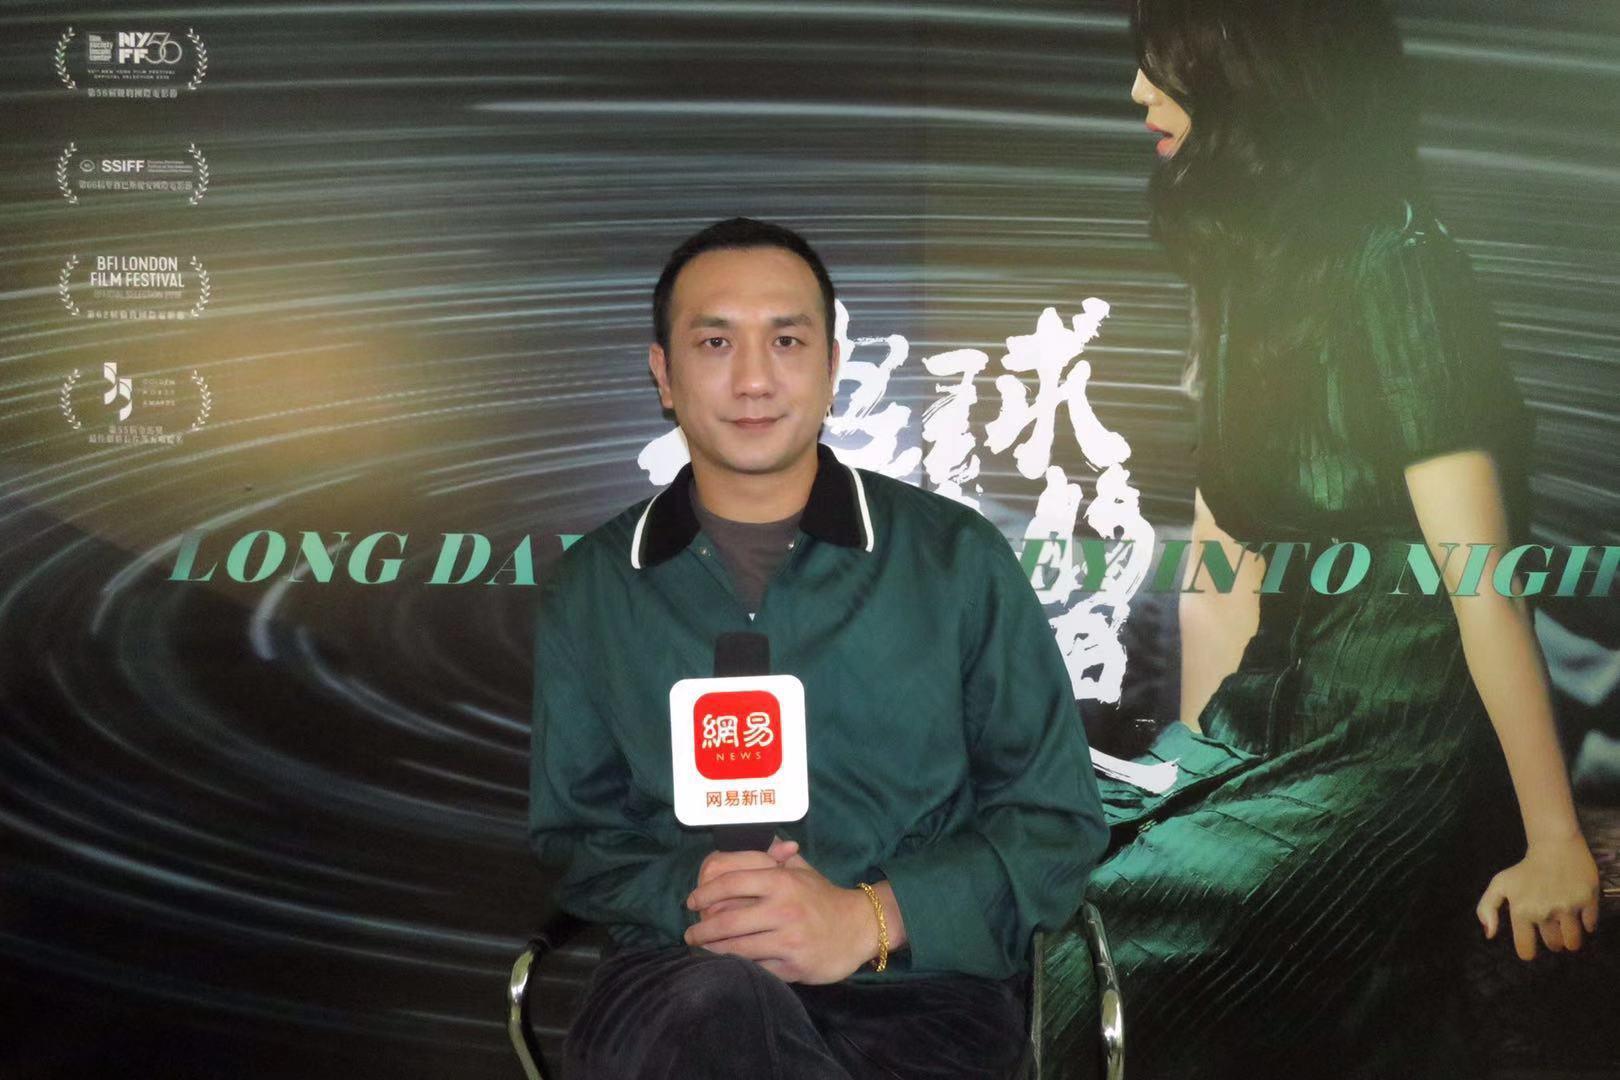 金马专访黄觉 没预先祝贺周迅入围:家常便饭的事